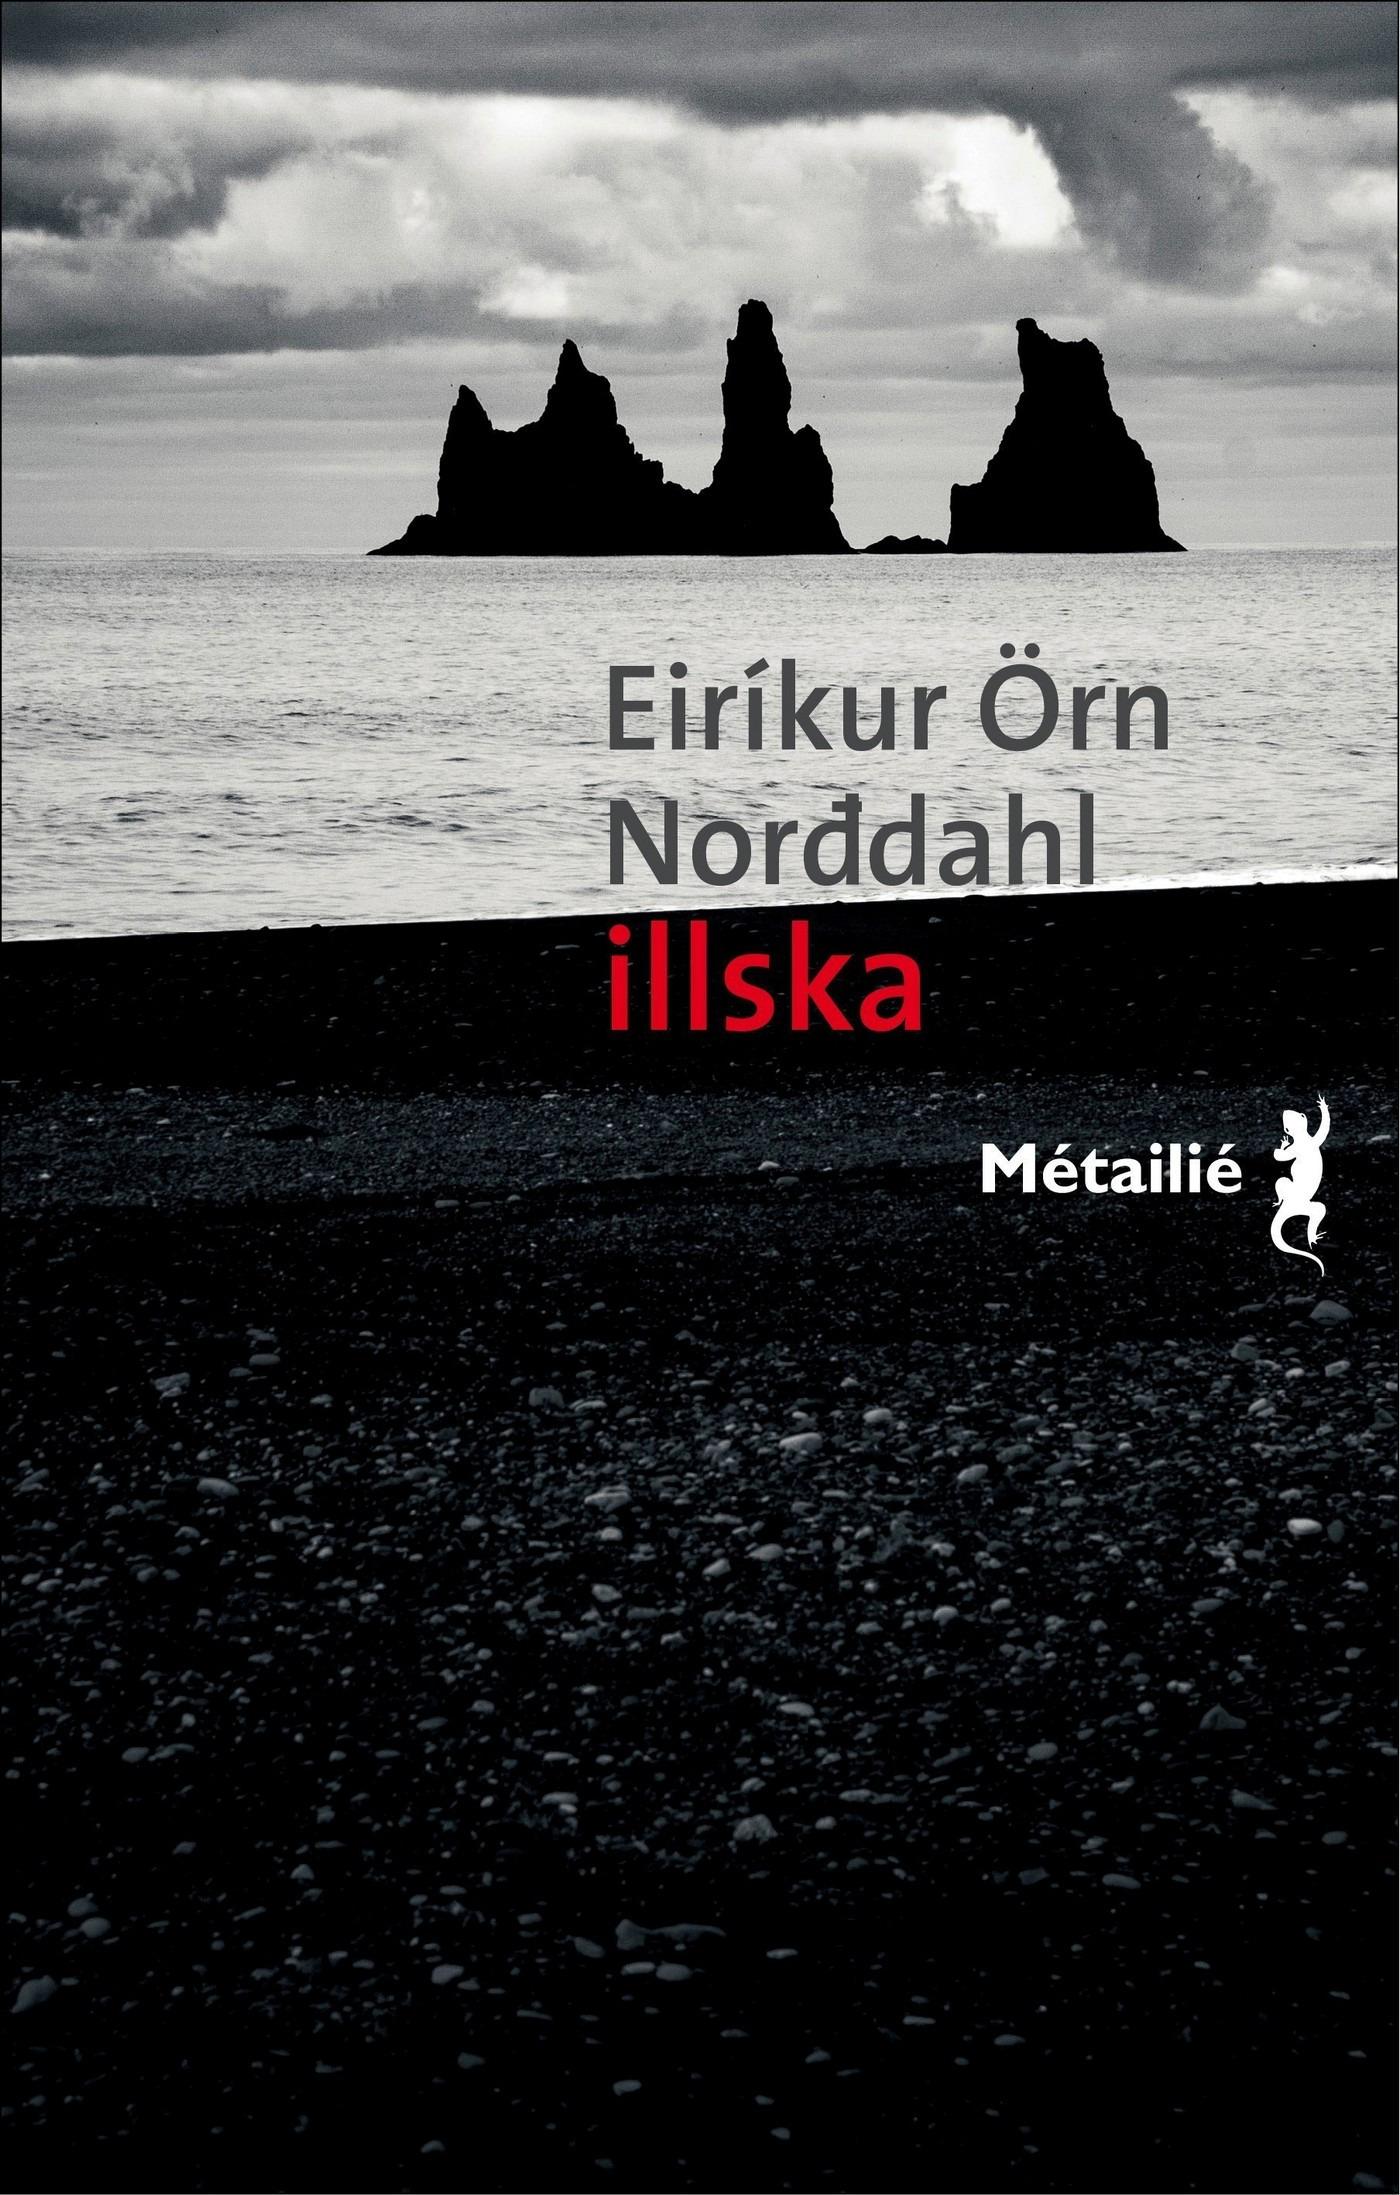 Eiríkur Örn Norddahl Illska